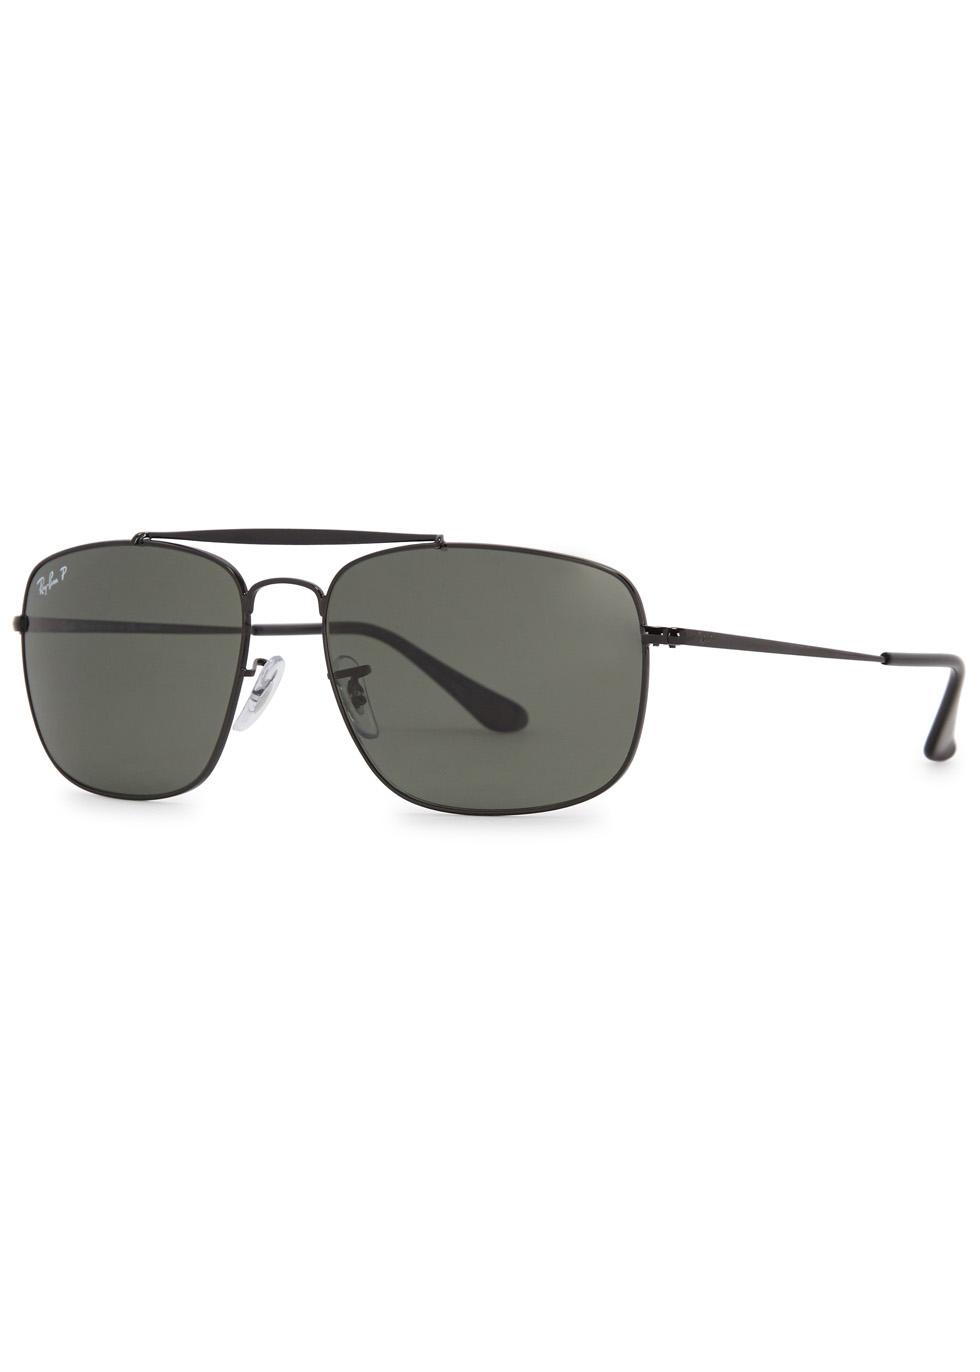 Ray Colonel £181 Ban Sunglasses Polarised Port 00 qqTzFrw